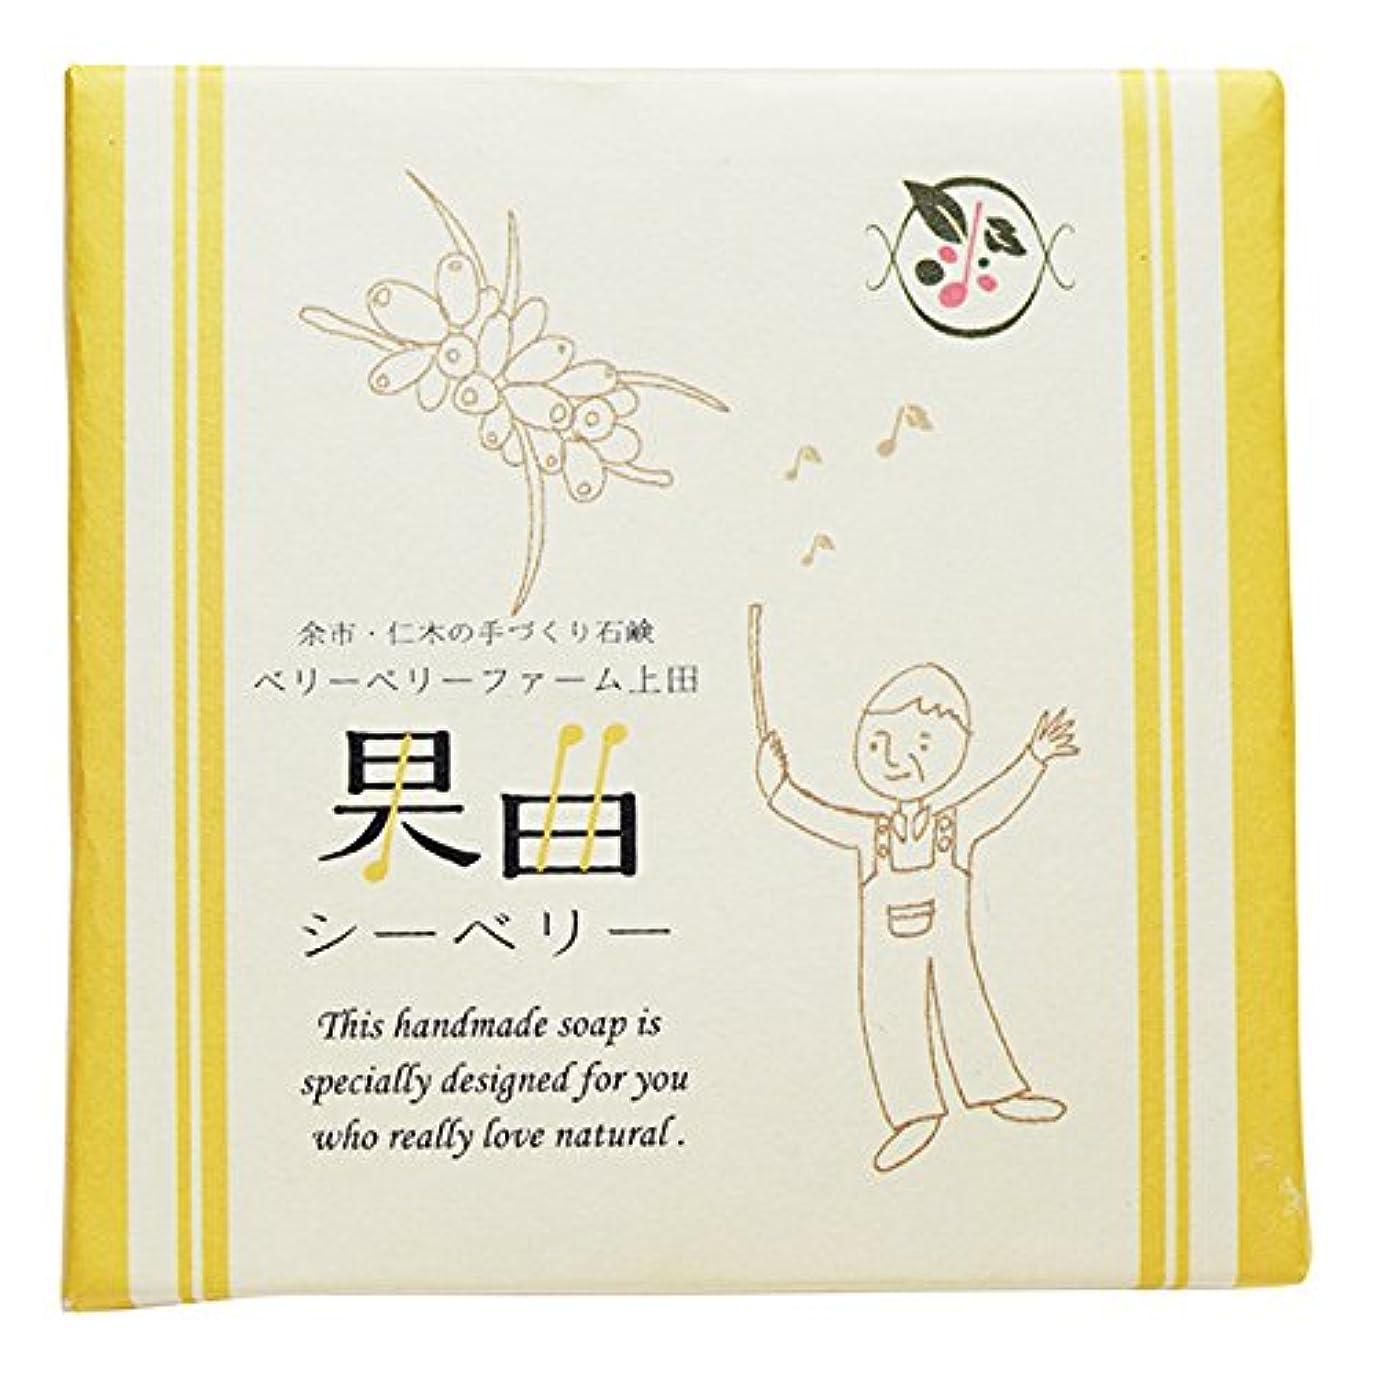 心配するレシピペース余市町仁木のベリーベリーファーム上田との共同開発 果曲(シーベリー)純練り石鹸